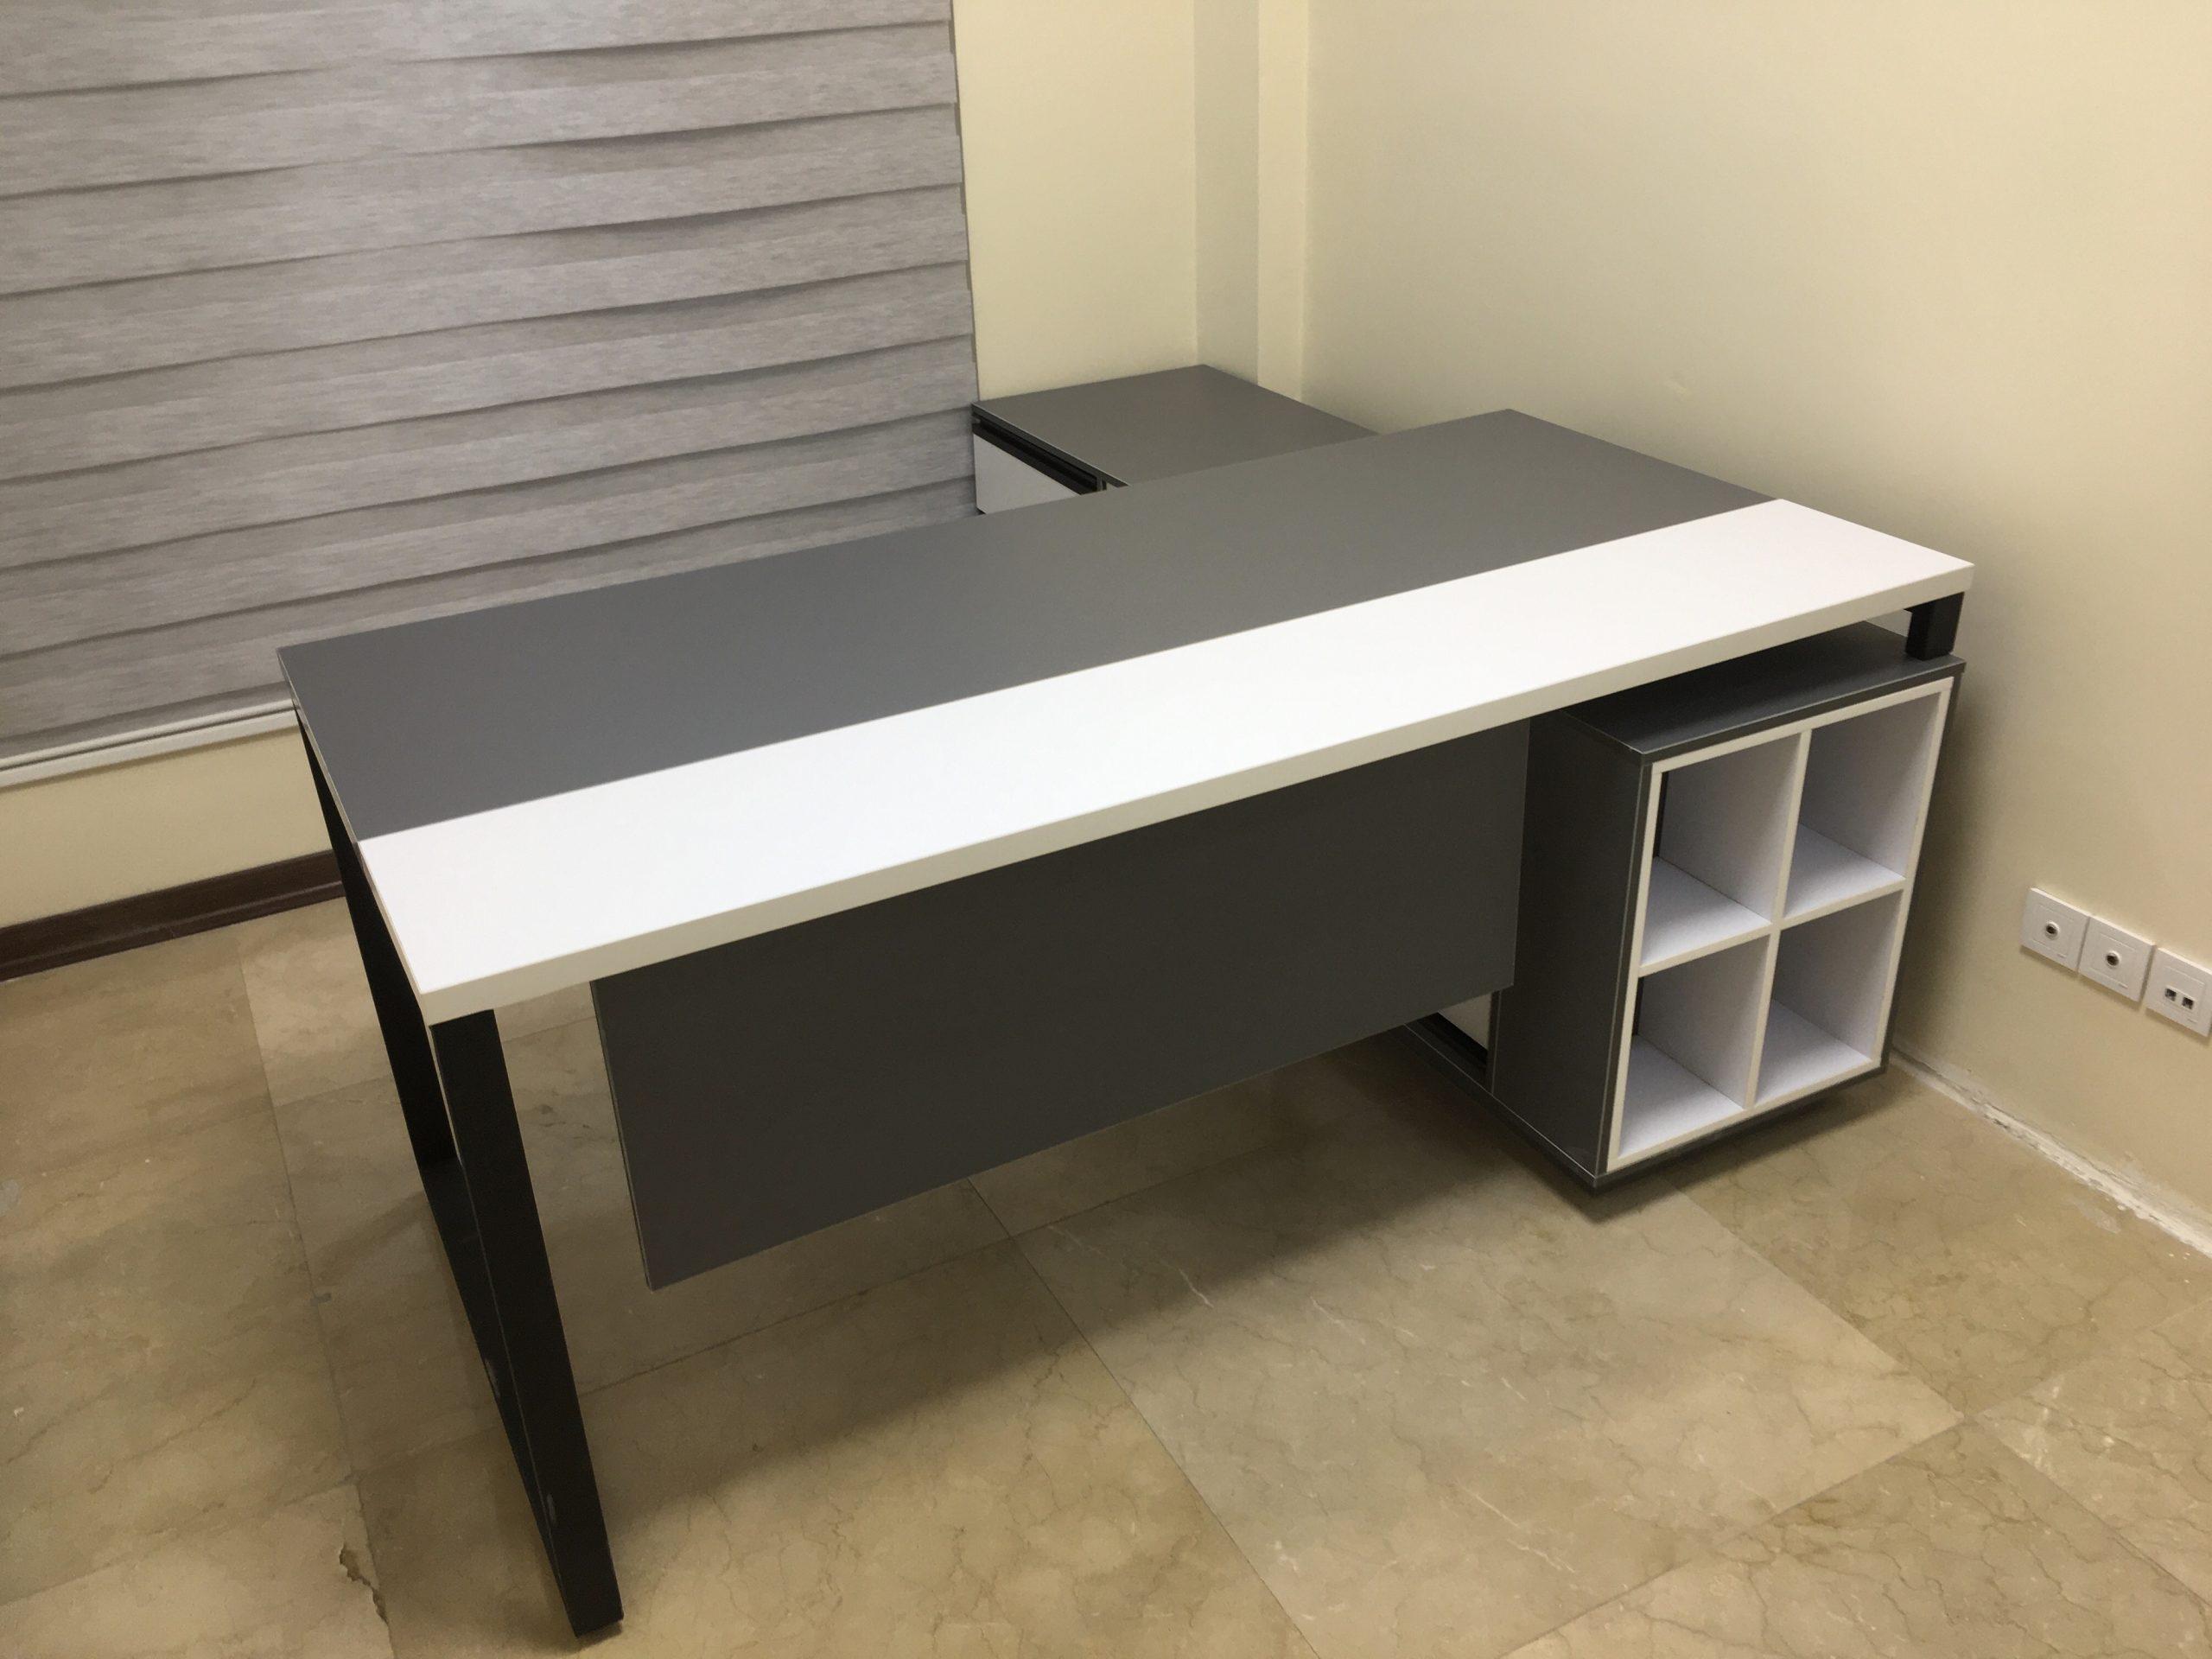 پایه فلزی پیوت v2001 3 scaled - میز پایه فلزی